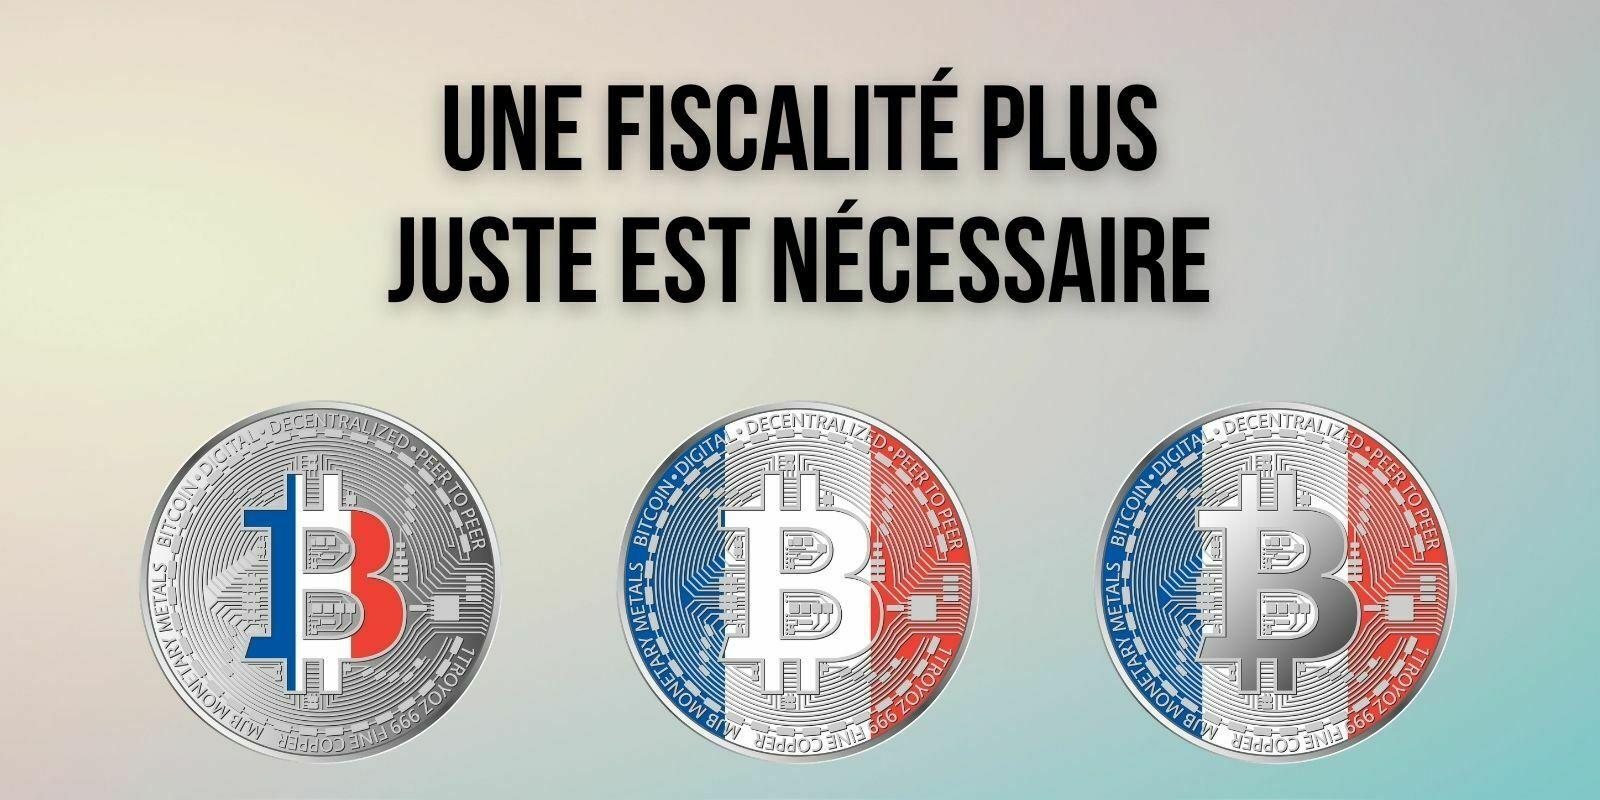 Fiscalité des crypto-actifs – Une révision nécessaire pour mettre fin à l'incertitude et à l'injustice